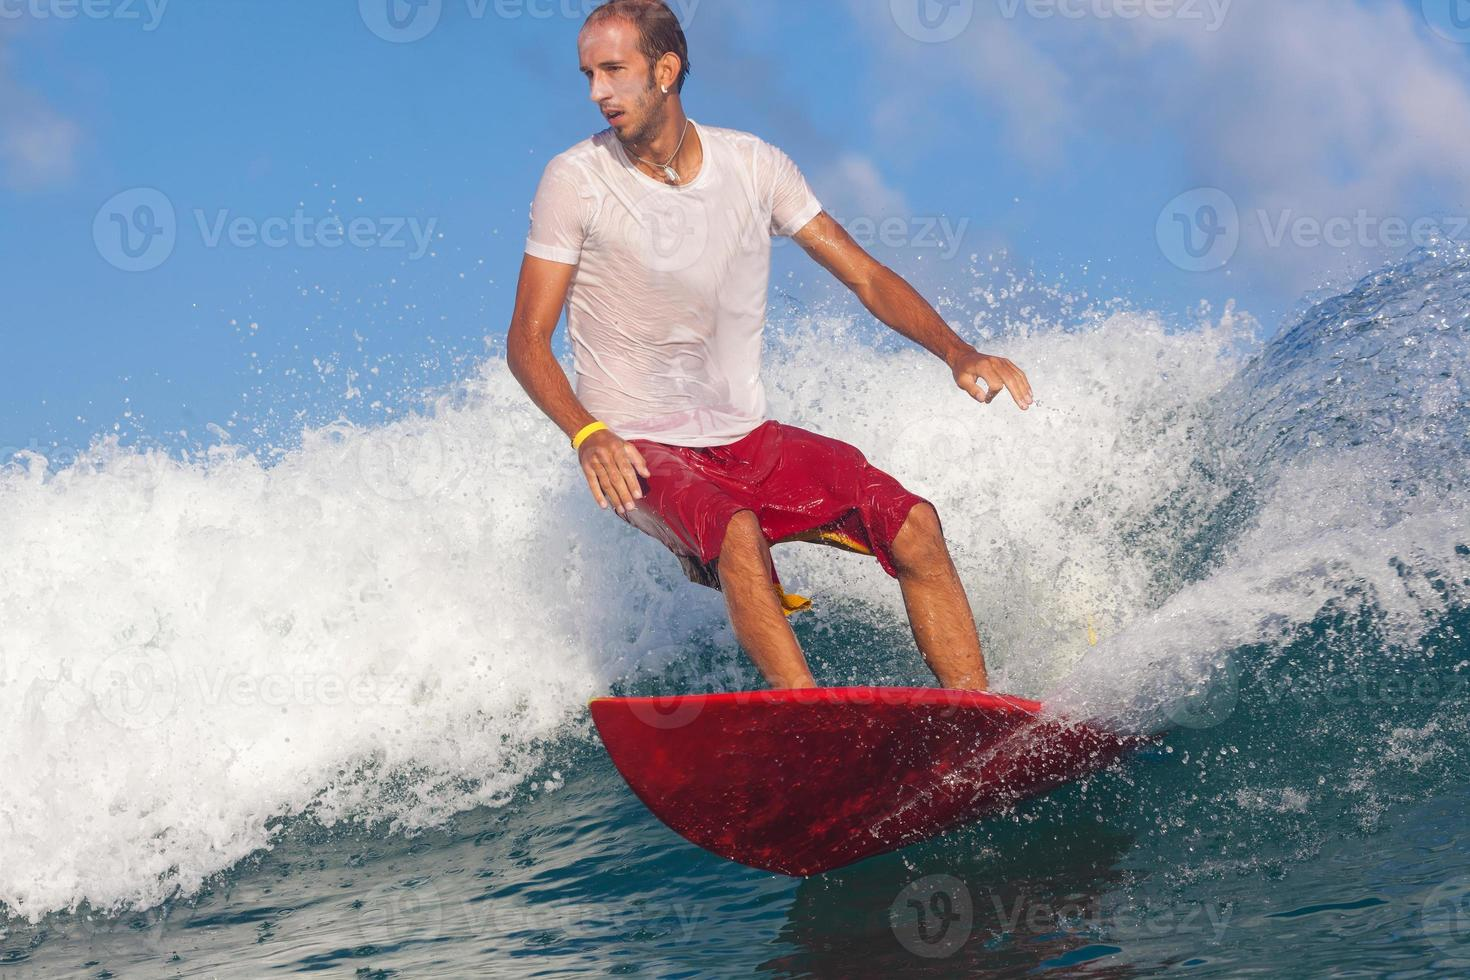 surfen op een golf. het eiland Bali. Indonesië. foto